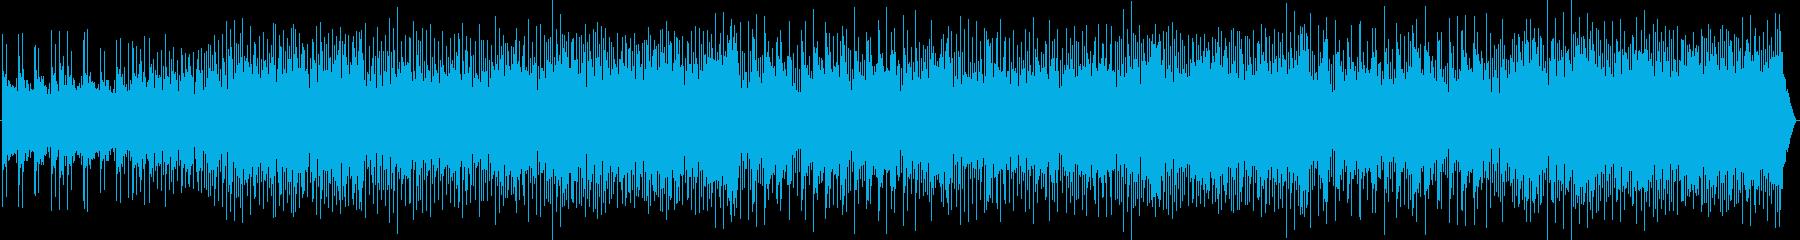 チェロ、アコースティックギター、ピ...の再生済みの波形